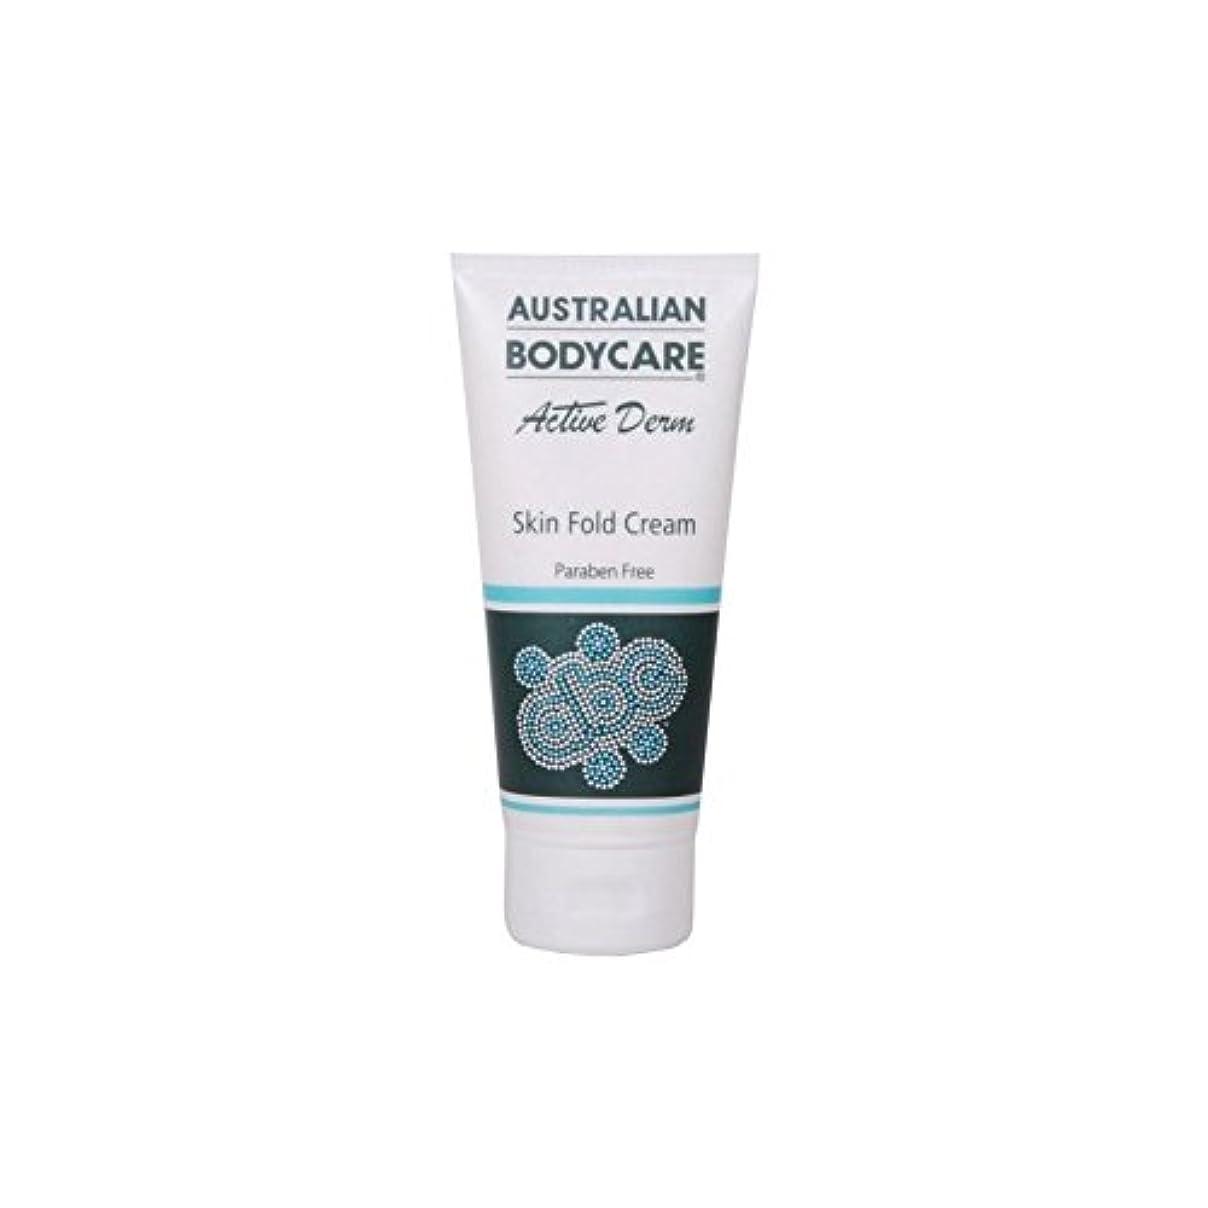 名義でダイアクリティカル転用Australian Bodycare Active Derm Skin Fold Cream (100ml) (Pack of 6) - オーストラリアのボディケアアクティブダーム皮膚のひだクリーム(100ミリリットル...